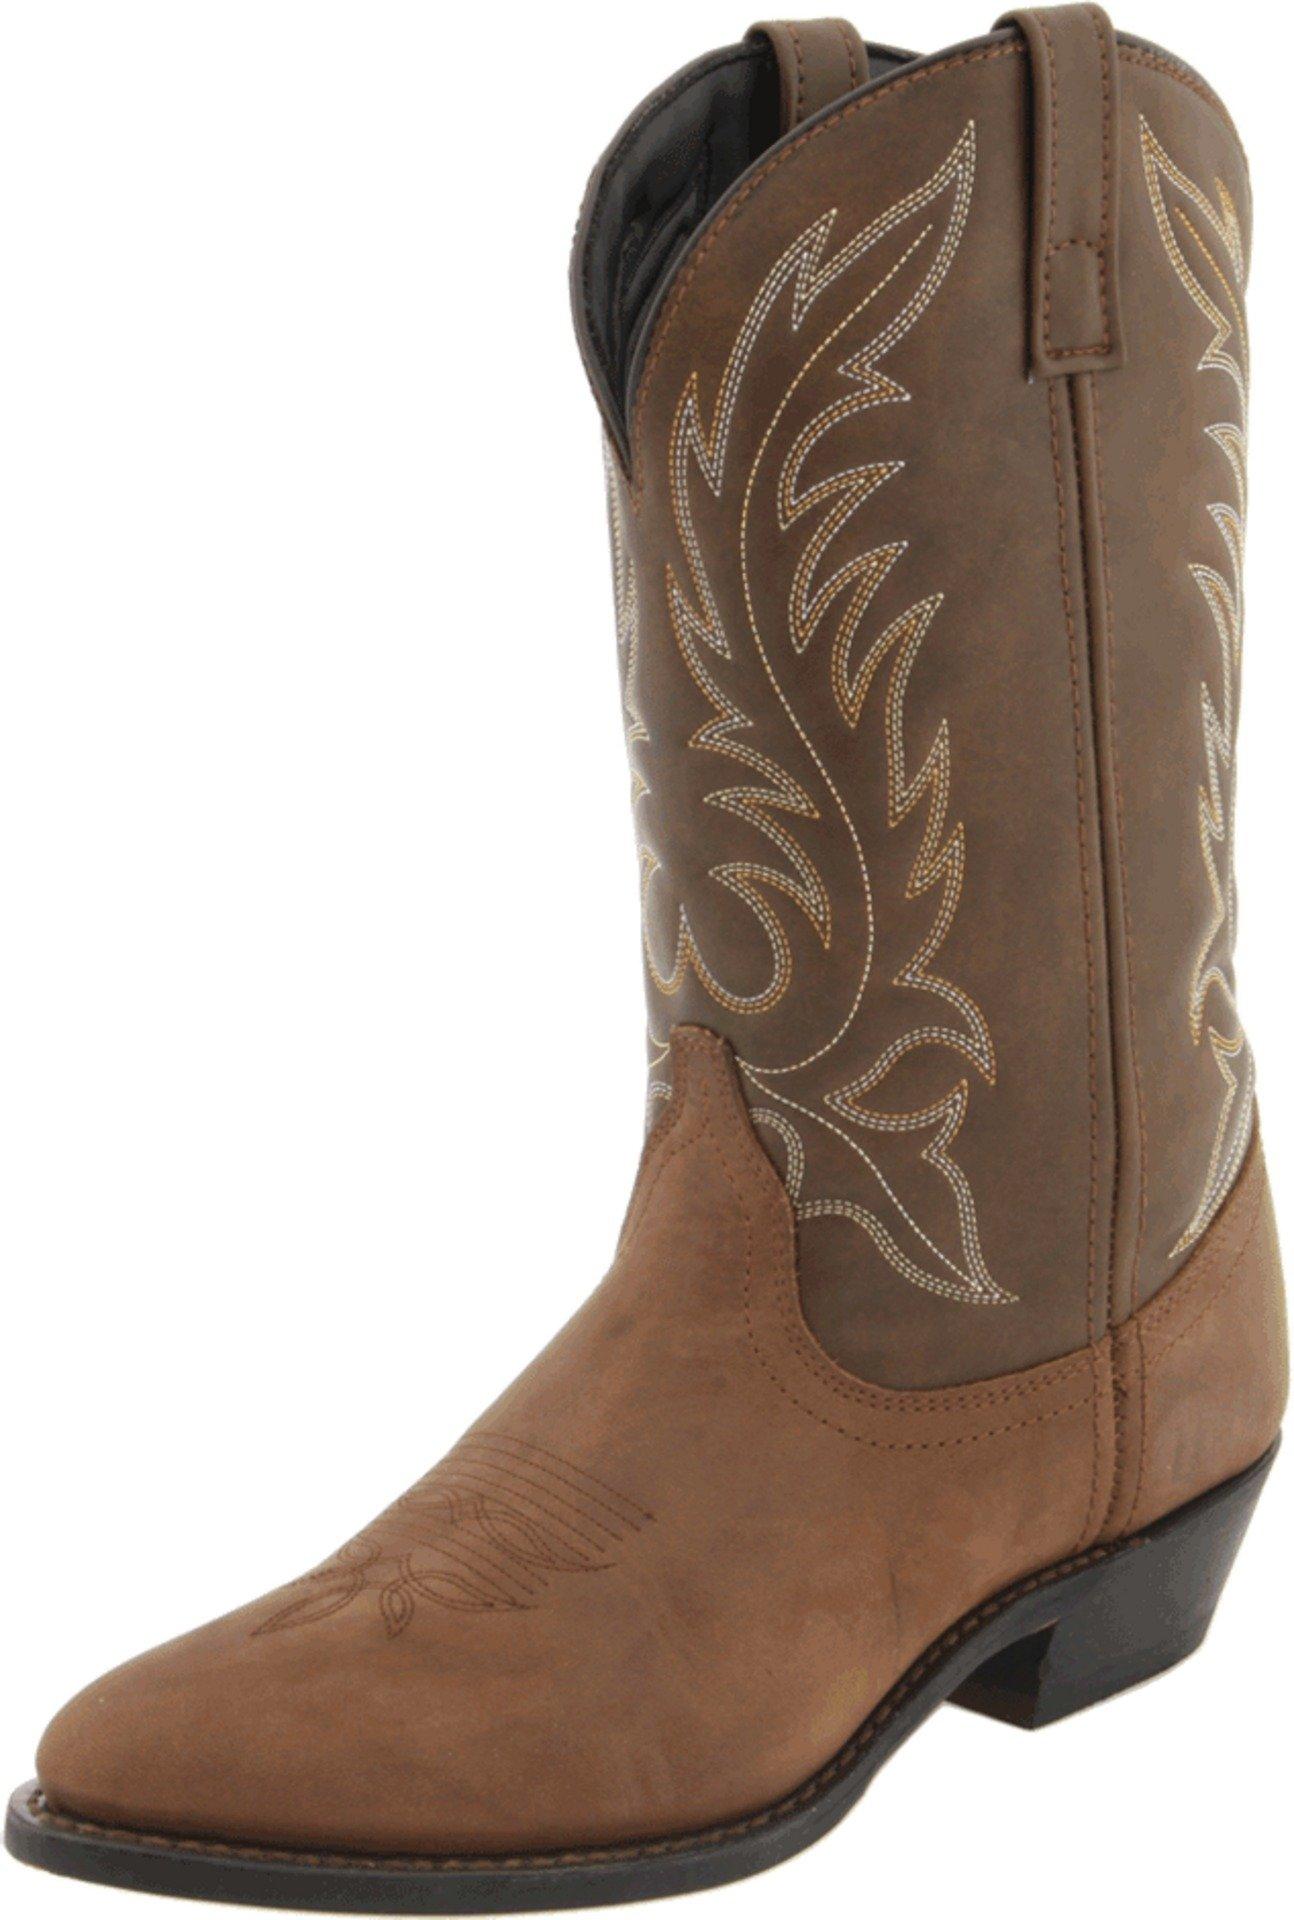 Laredo Women's Kadi Boot,Tan Distressed,11 B(M) US